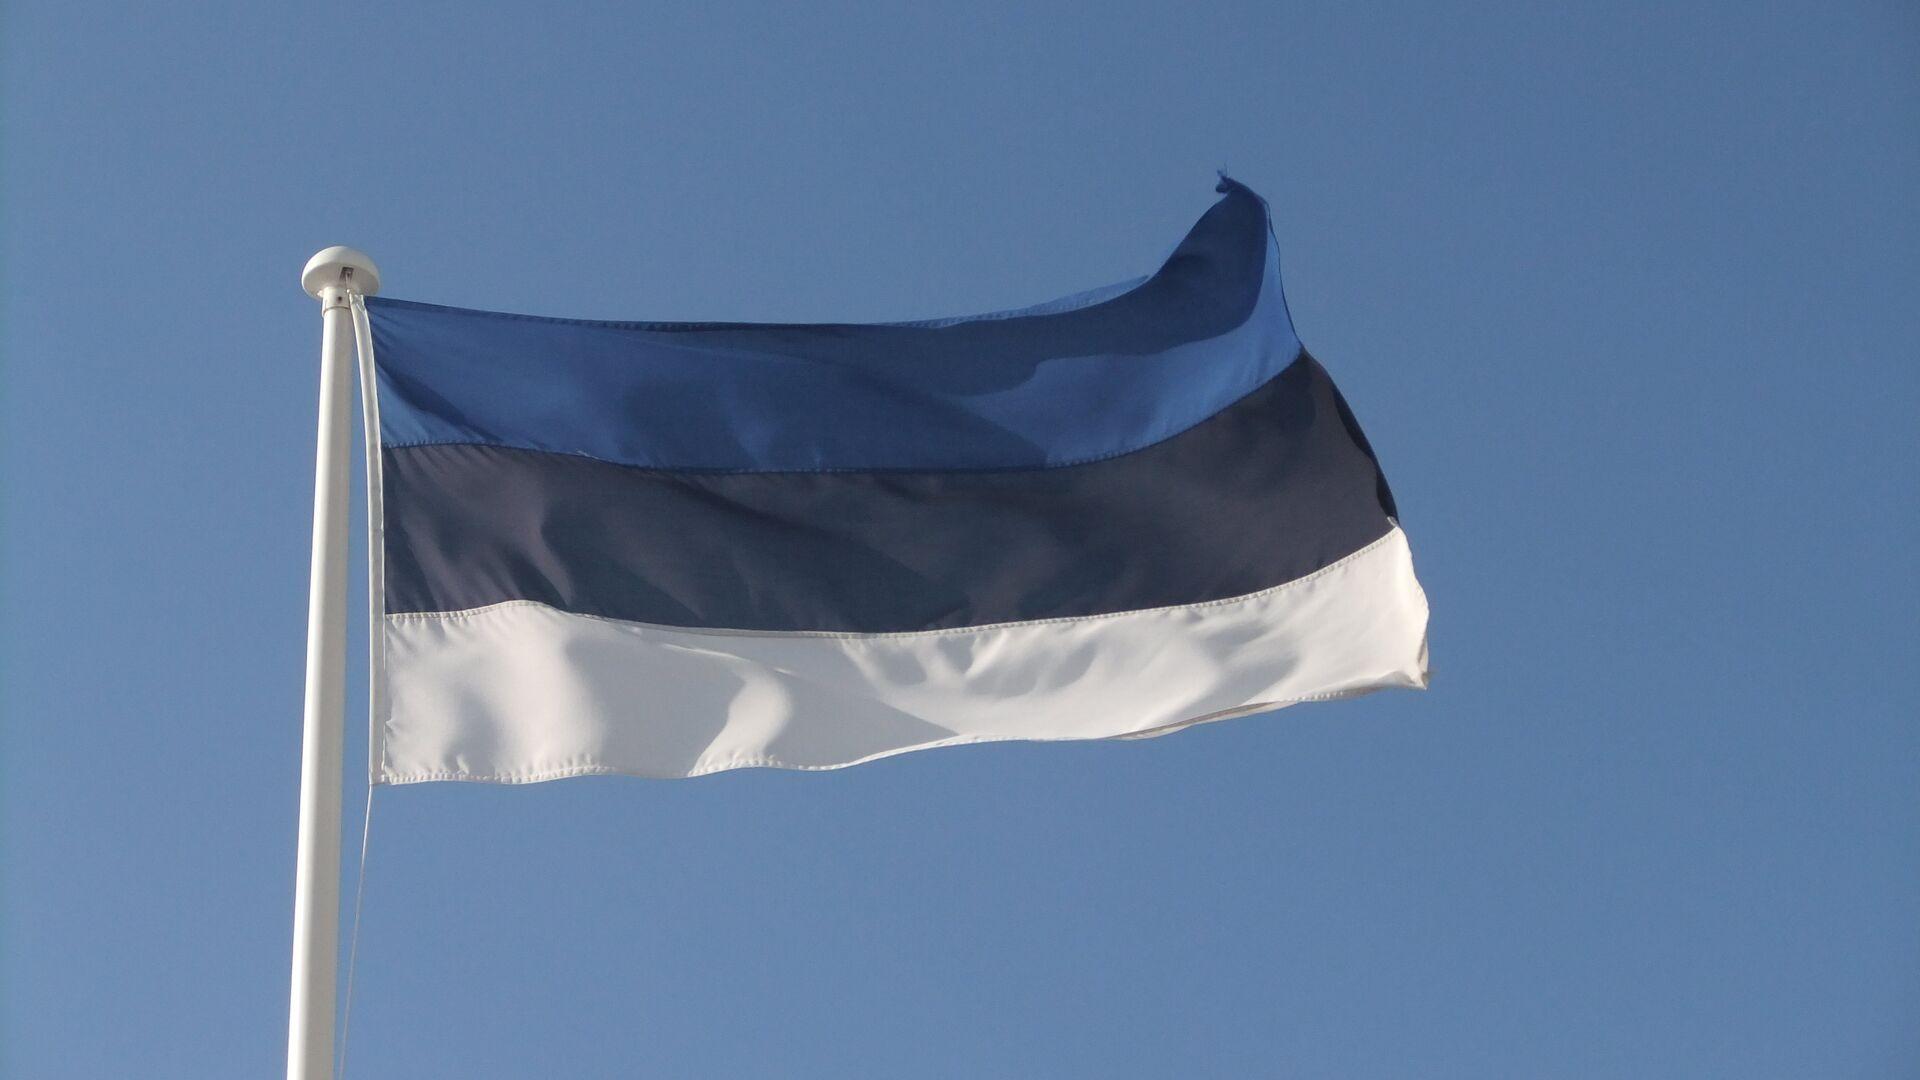 Bandera de Estonia - Sputnik Mundo, 1920, 08.07.2021